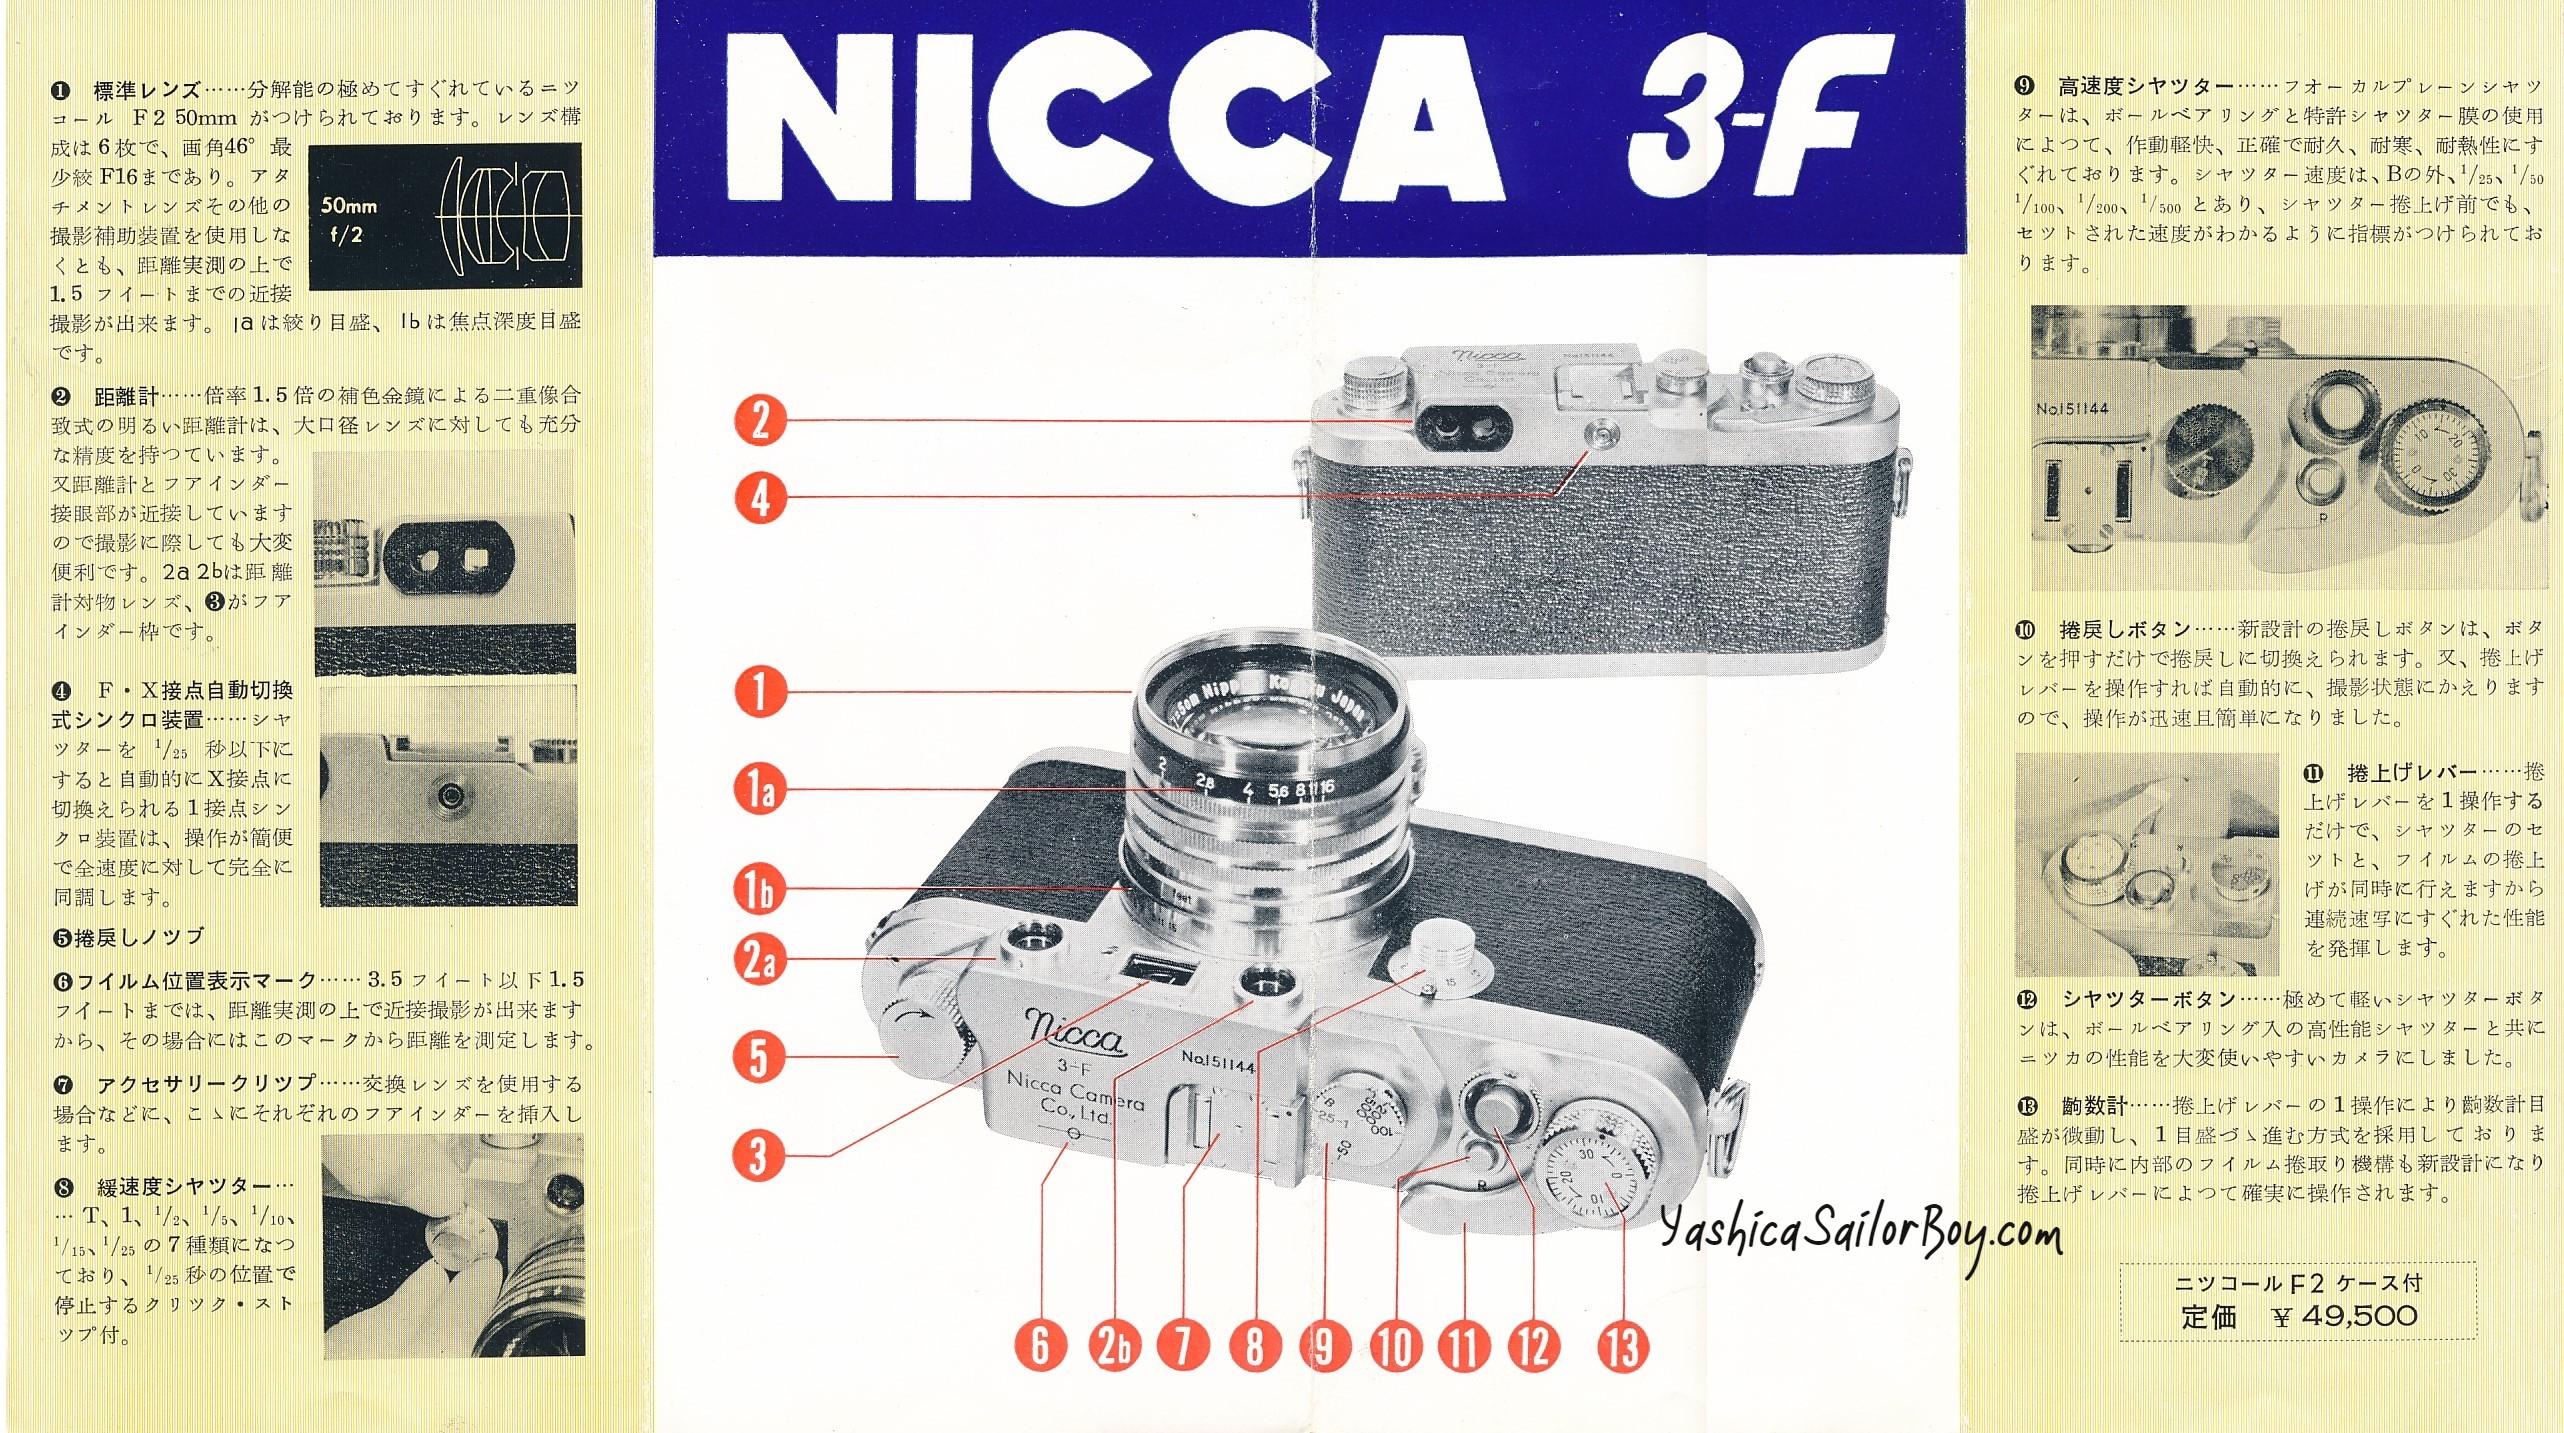 Nicca 3-F Bro